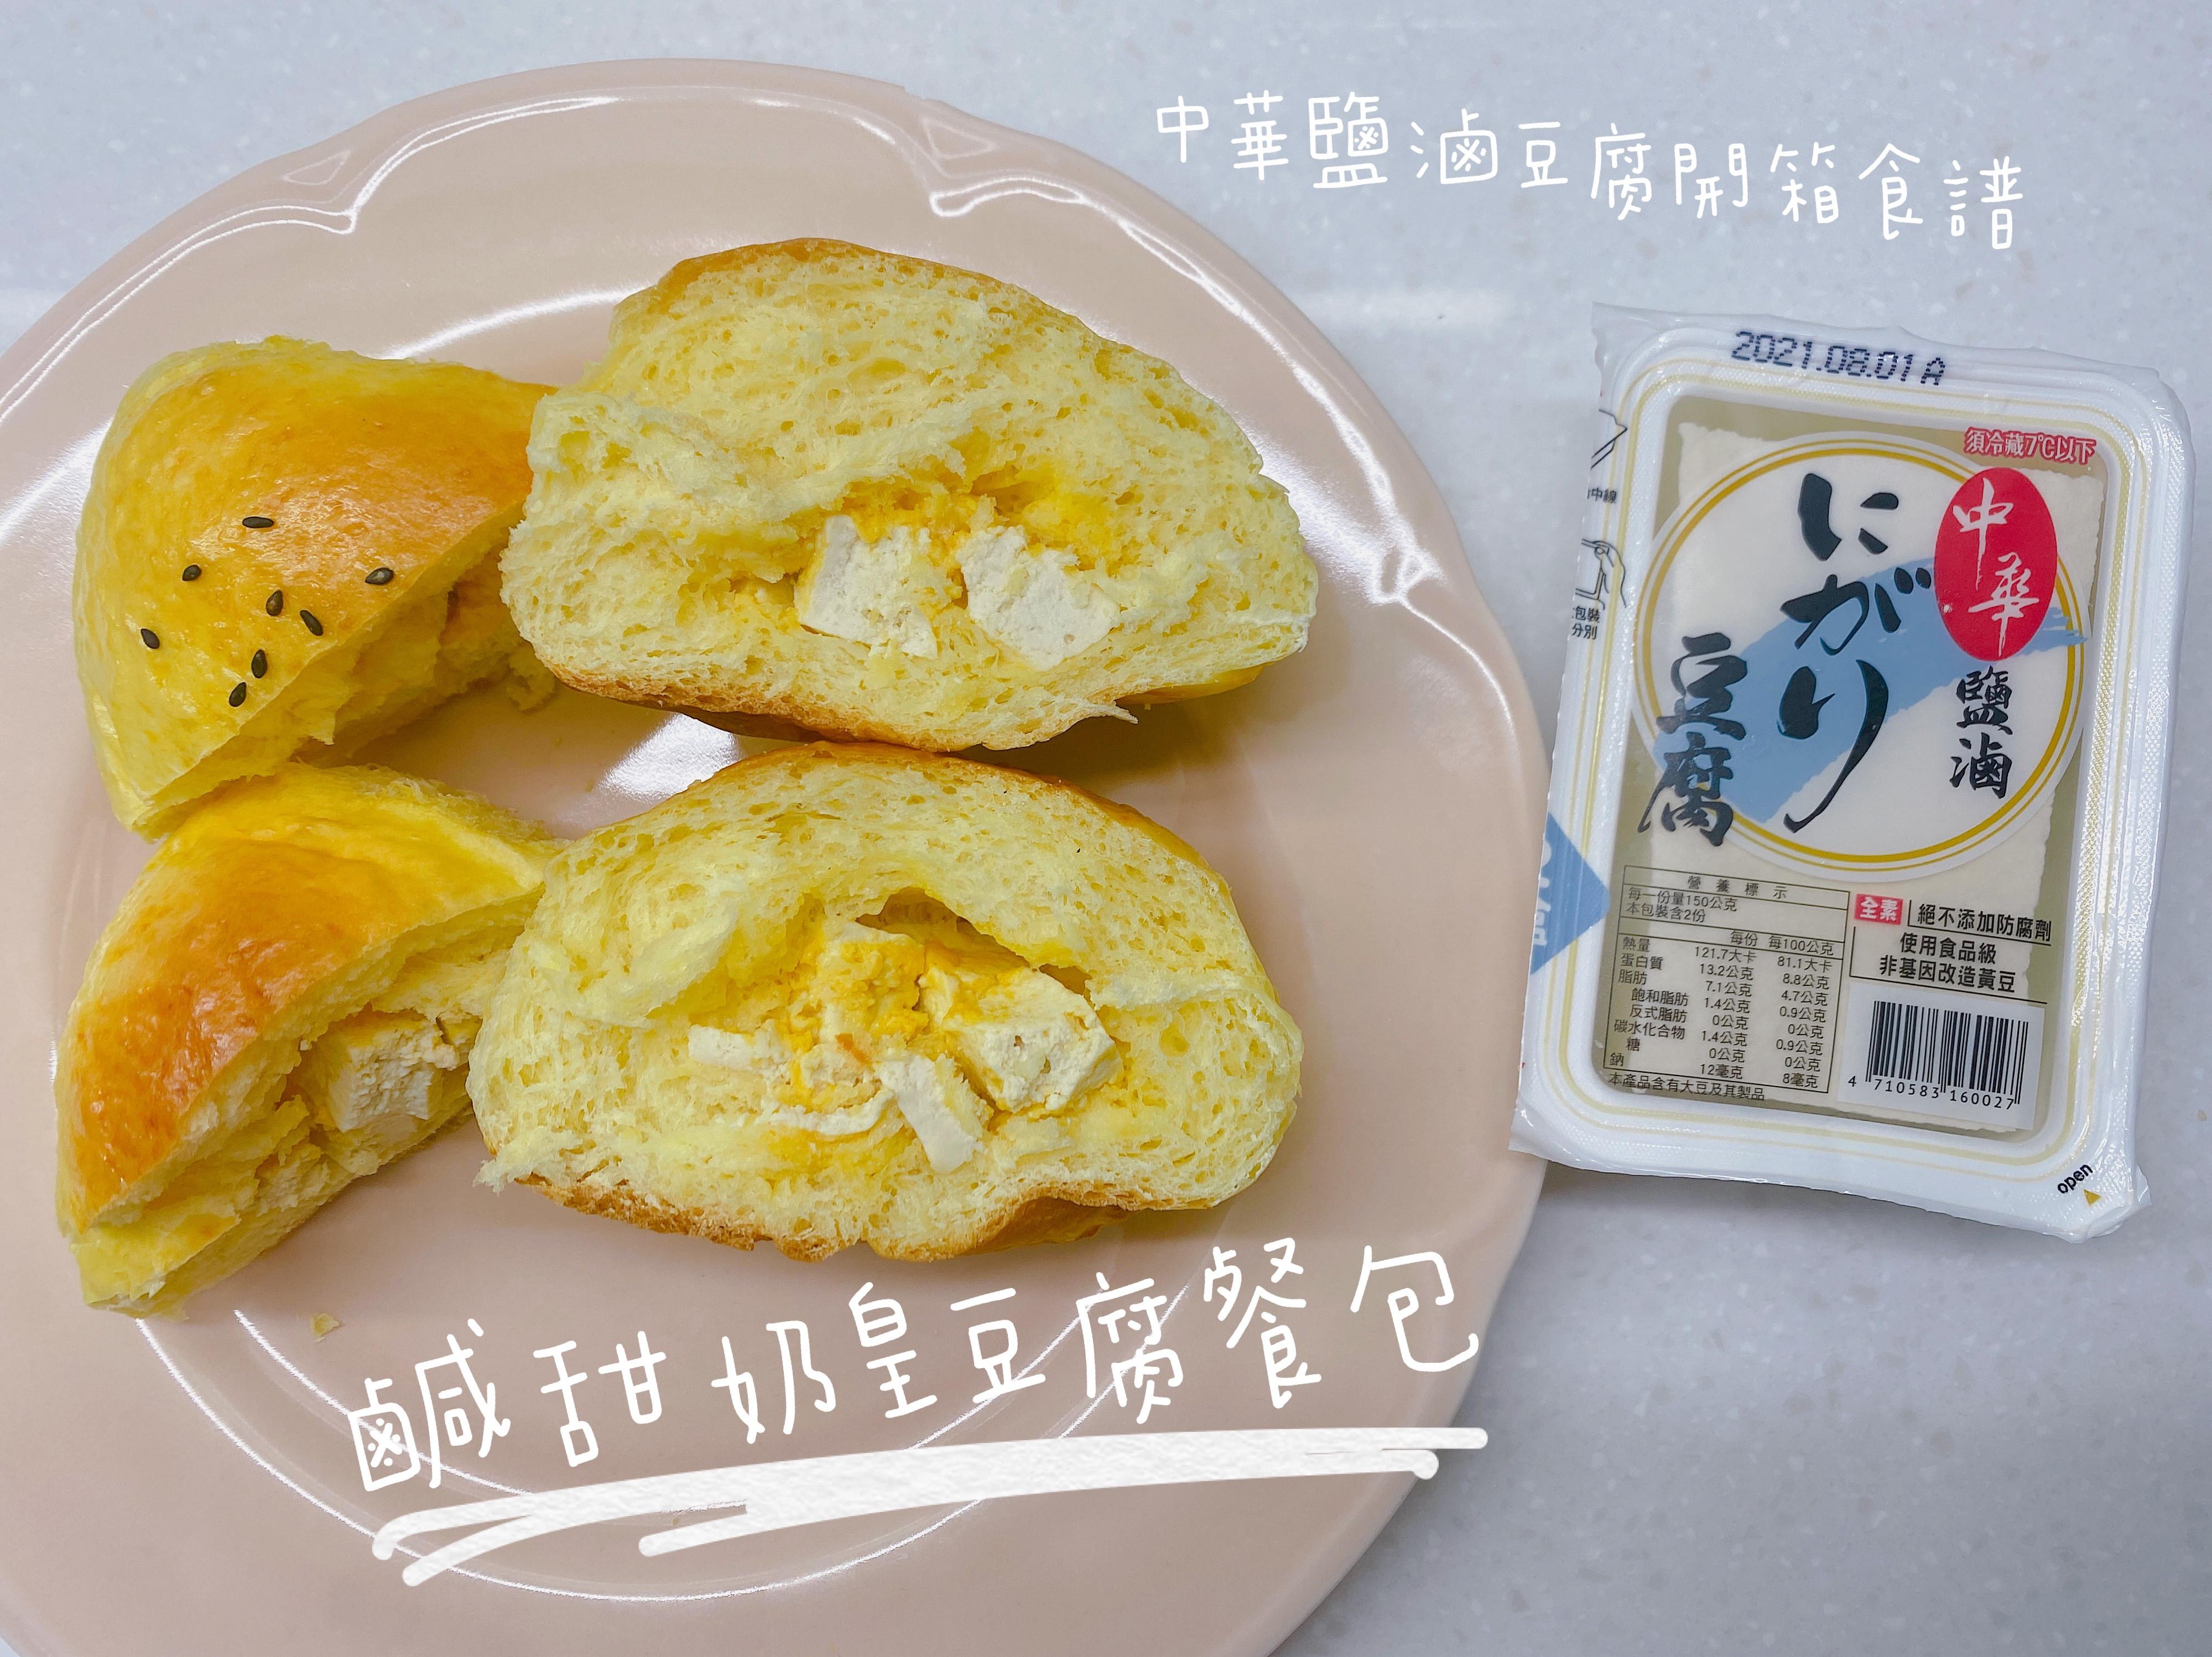 中華鹽滷豆腐開箱食譜-鹹甜奶皇豆腐餐包